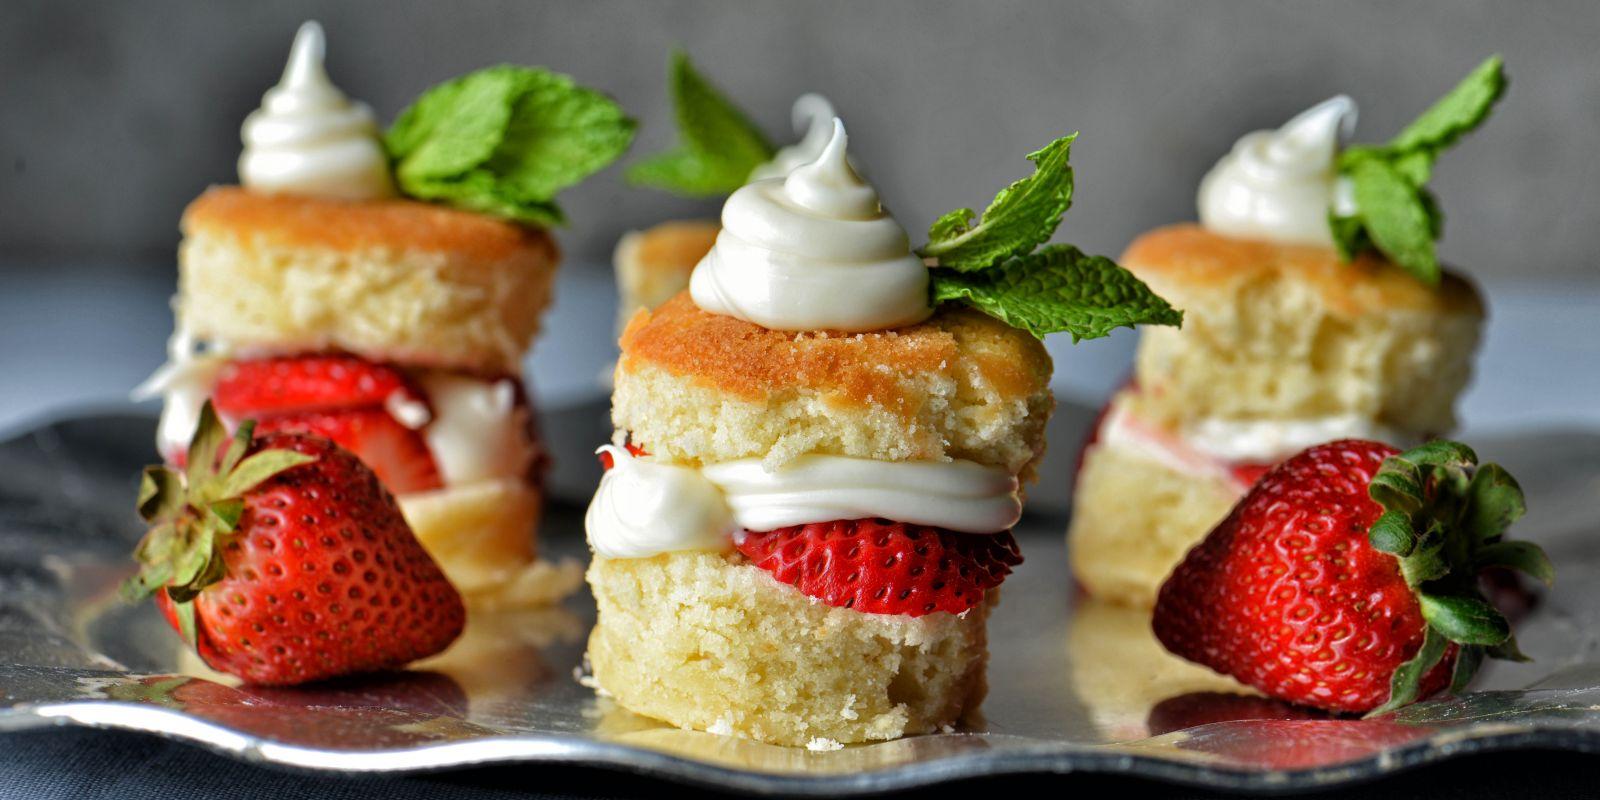 Strawberry Shortcake mit Krokant und Balsamico-Eis